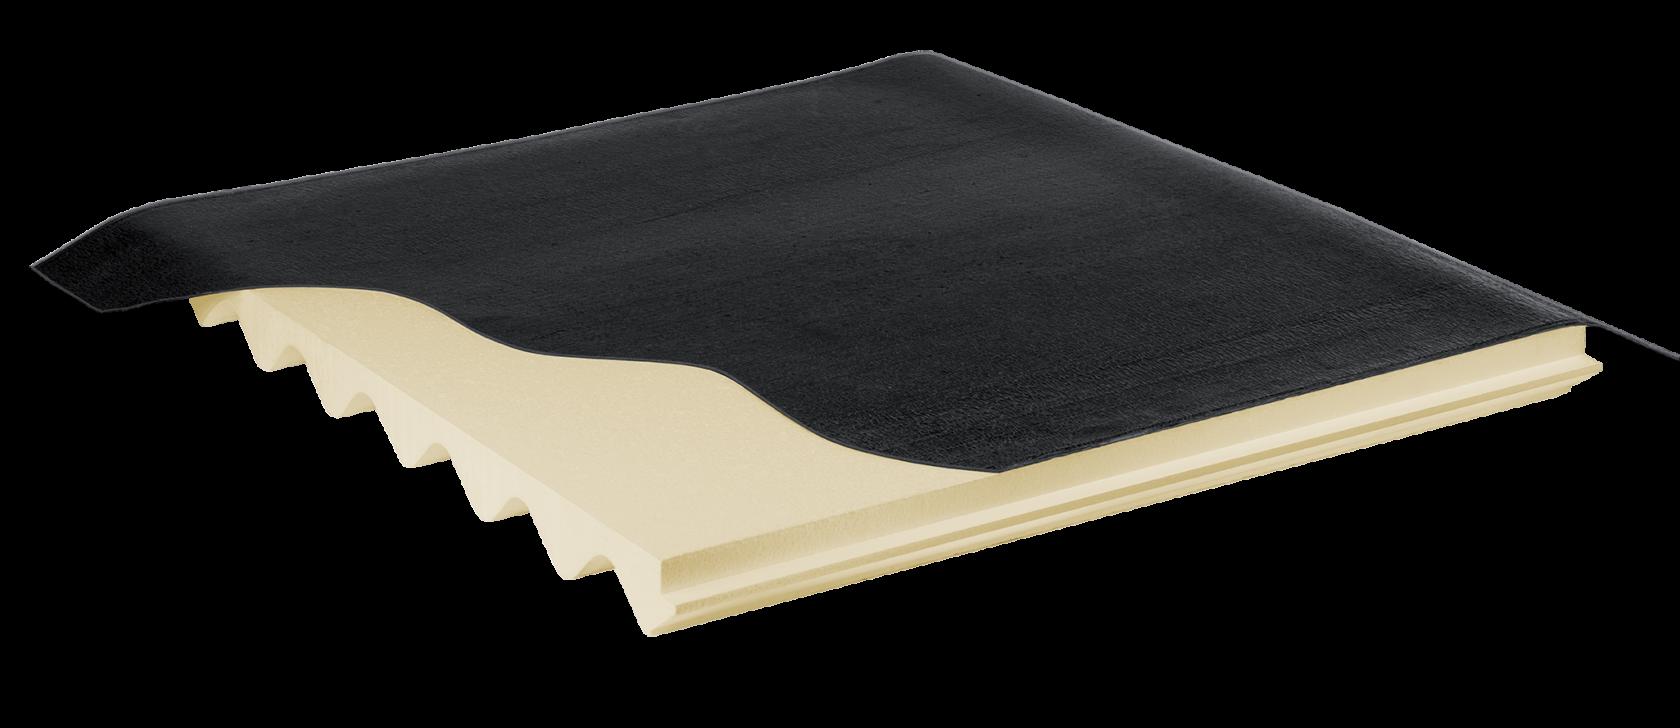 Confinamento amianto eternit e pannelli in fibrocemento con pannello isolante con guaina nuova fopan